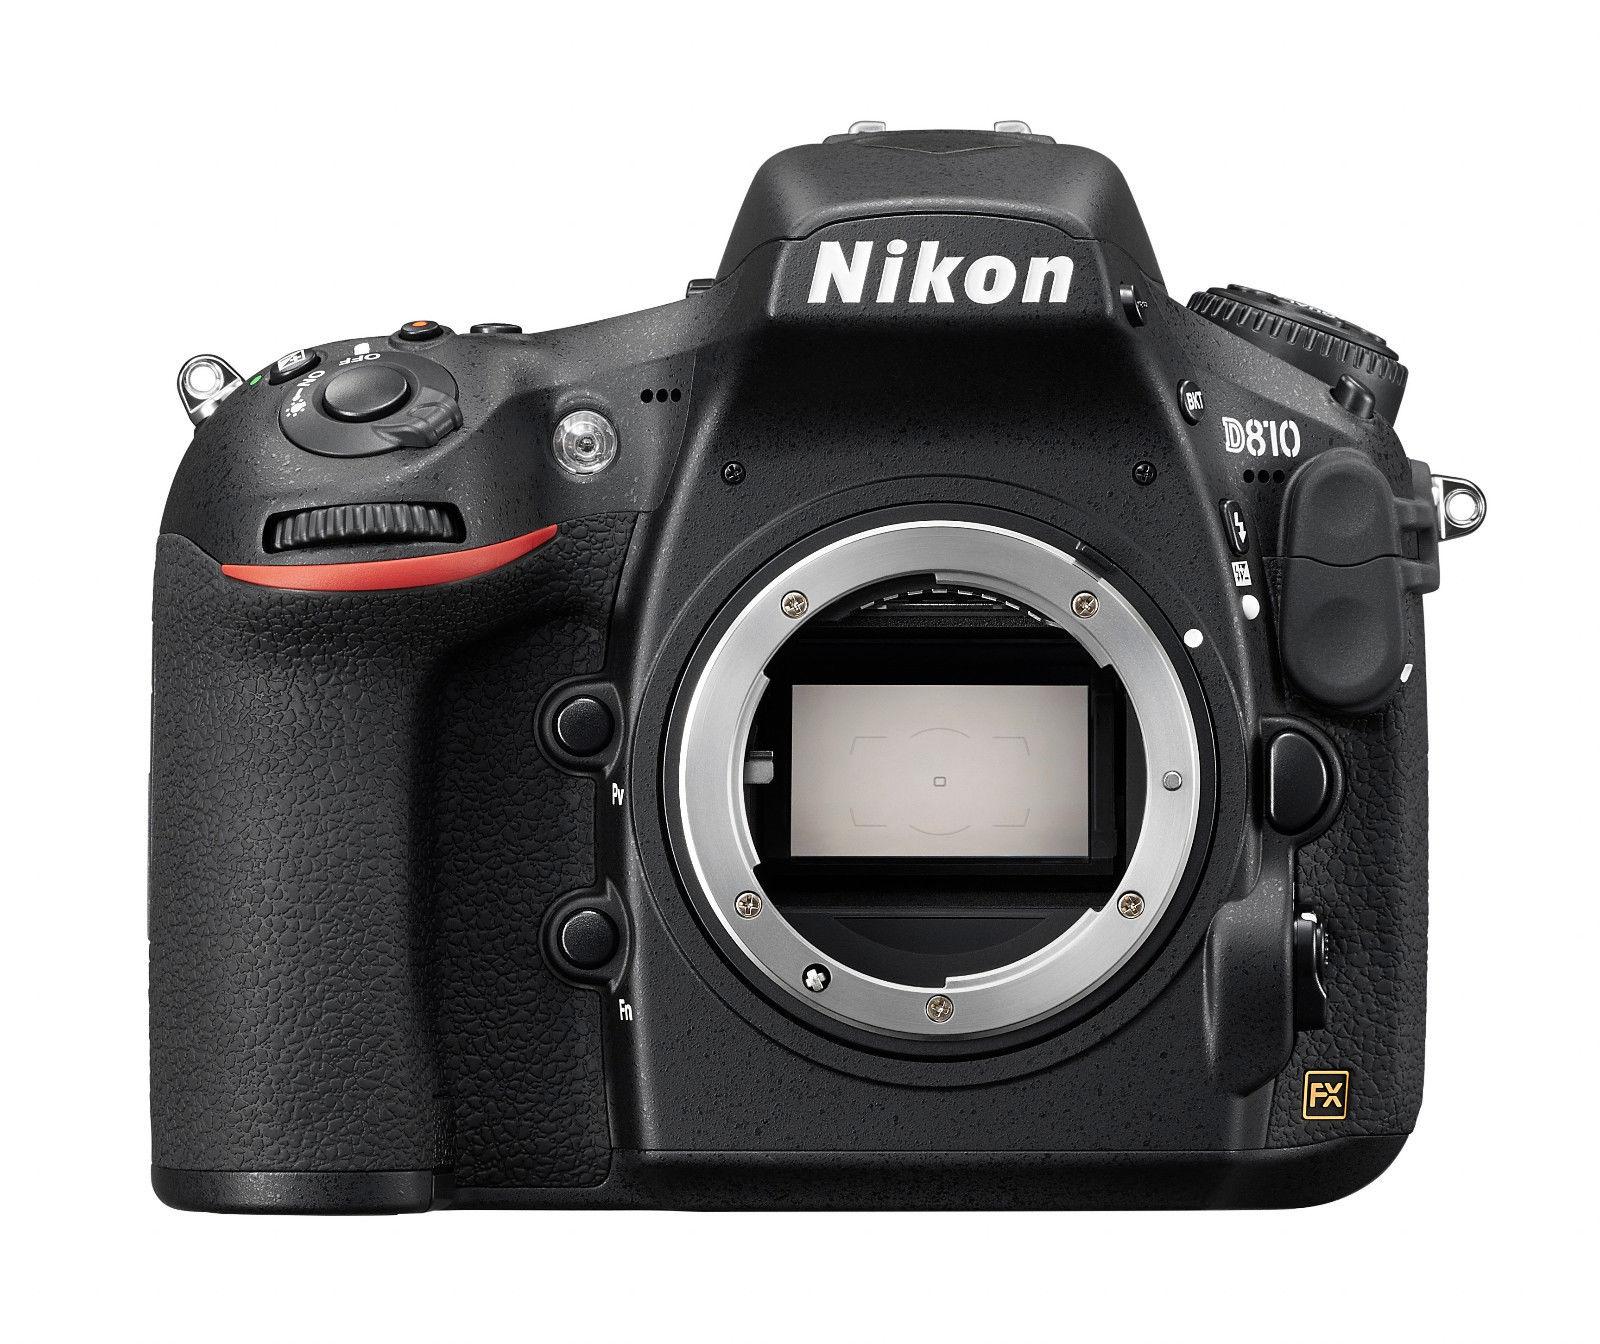 Spiegelreflexkamera Nikon D810 GEHÄUSE body DSLR mit 36.3 MP GEBRAUCHTWARE